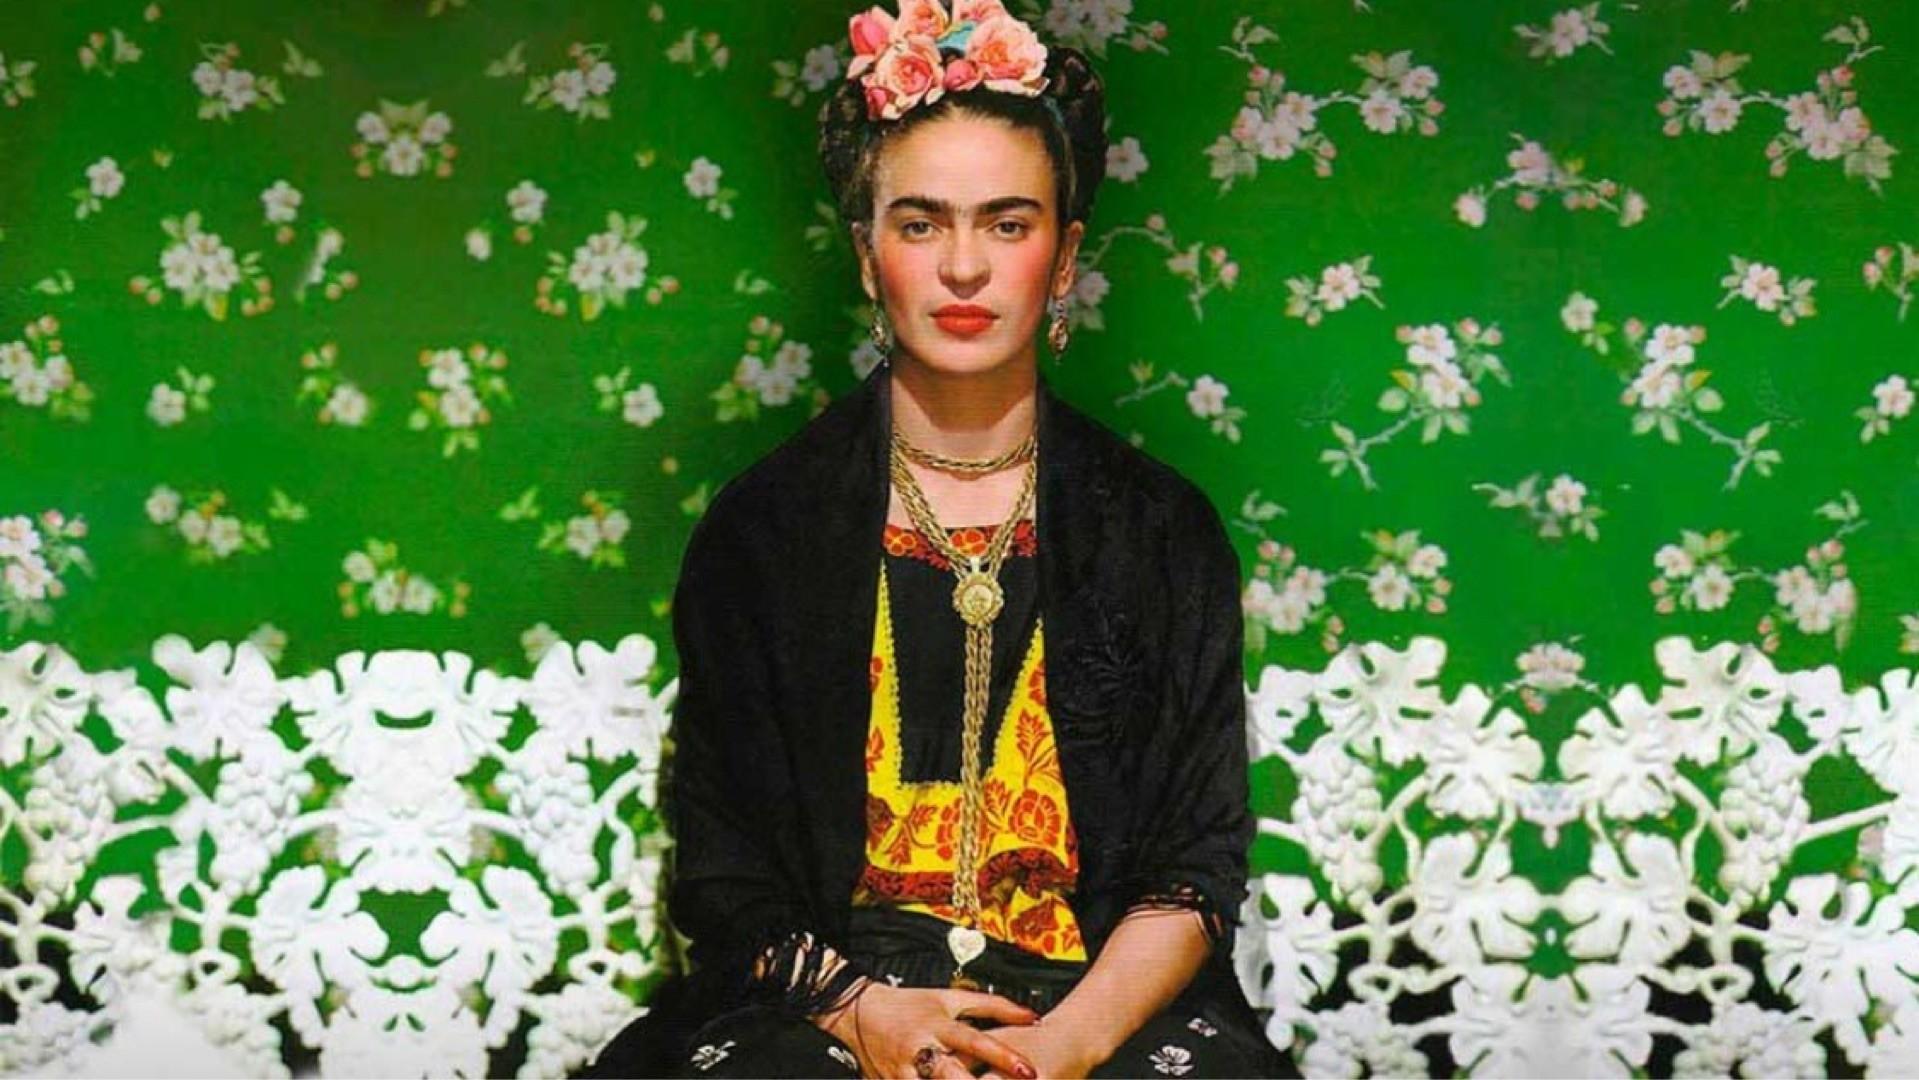 Фрида Кало – заставила весь мир полюбить свою боль.